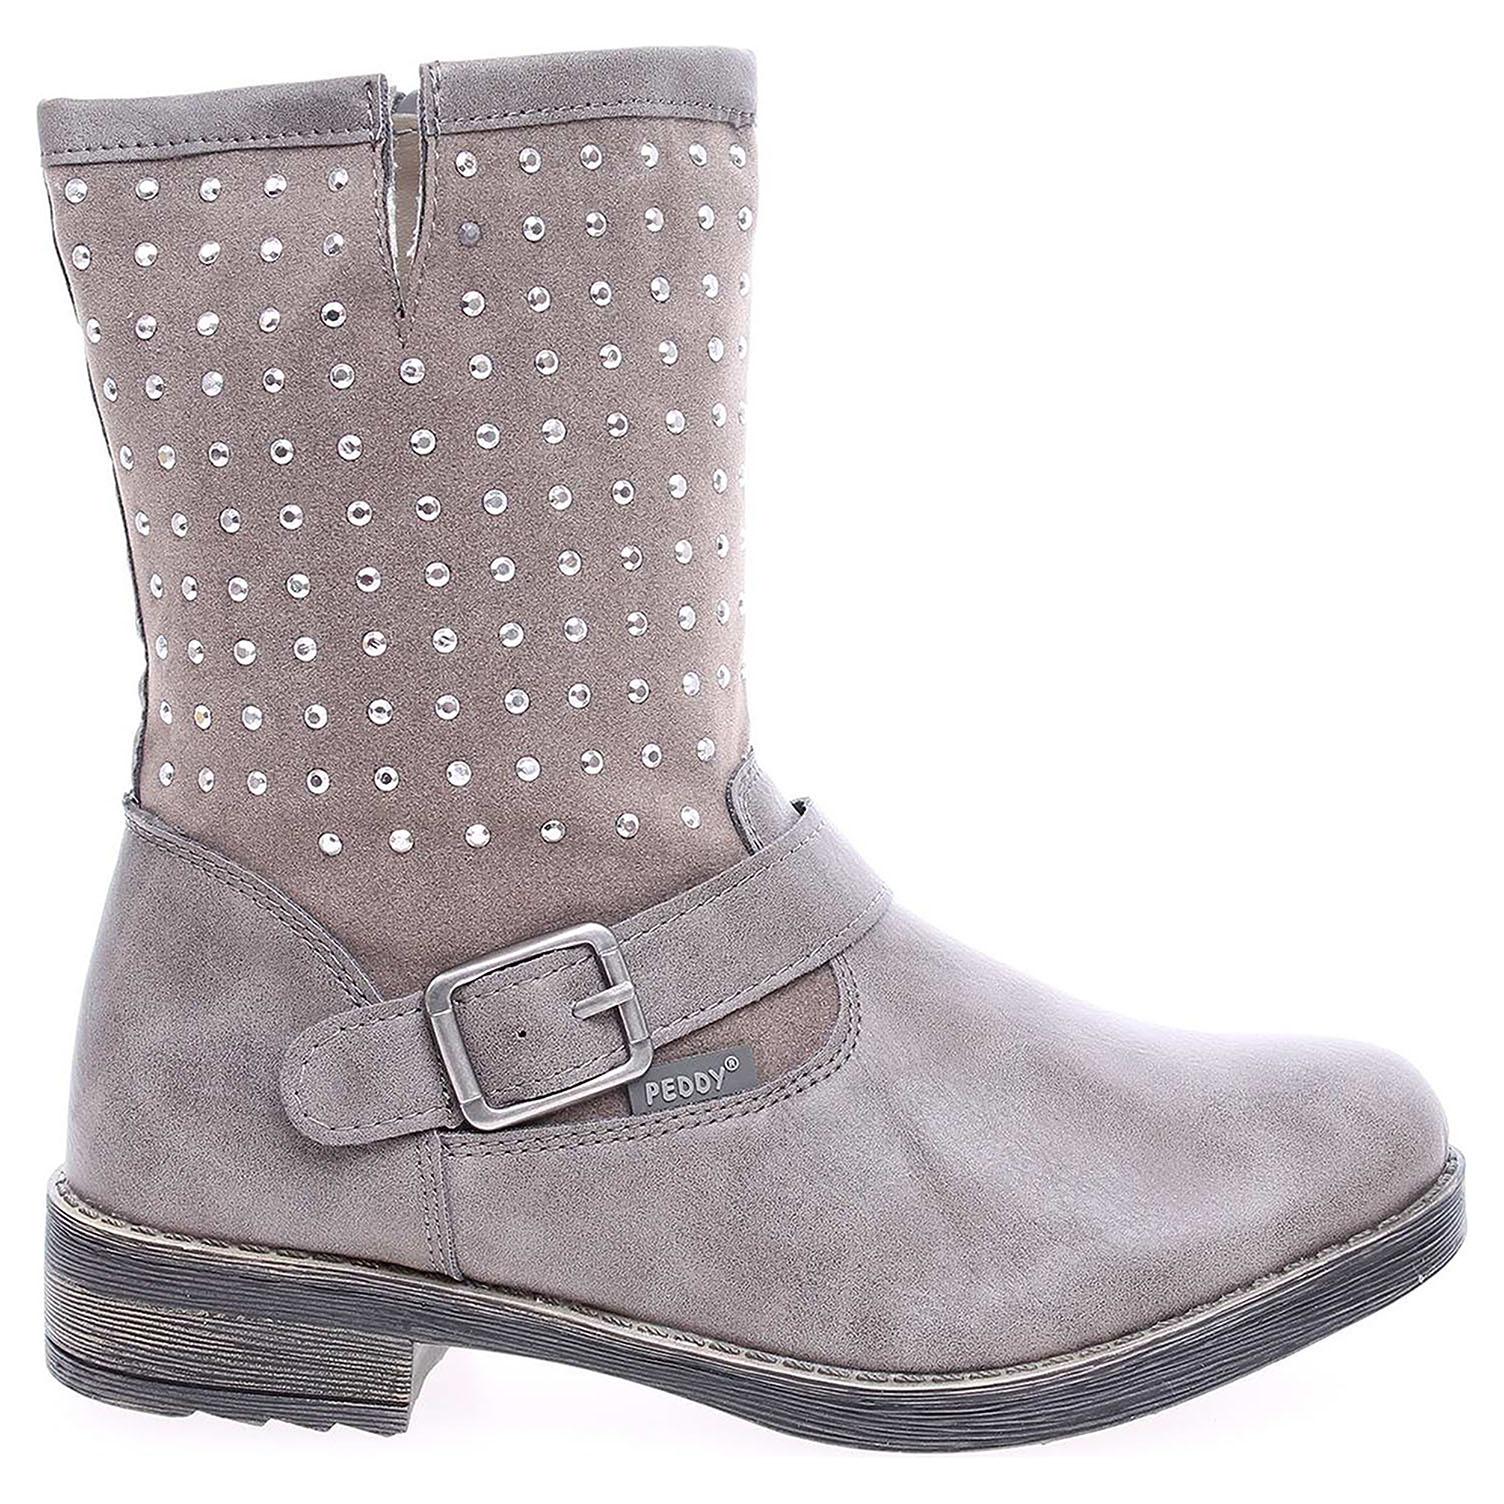 Ecco Peddy dívčí polokozačky PV-533-32-01 šedé 27400030